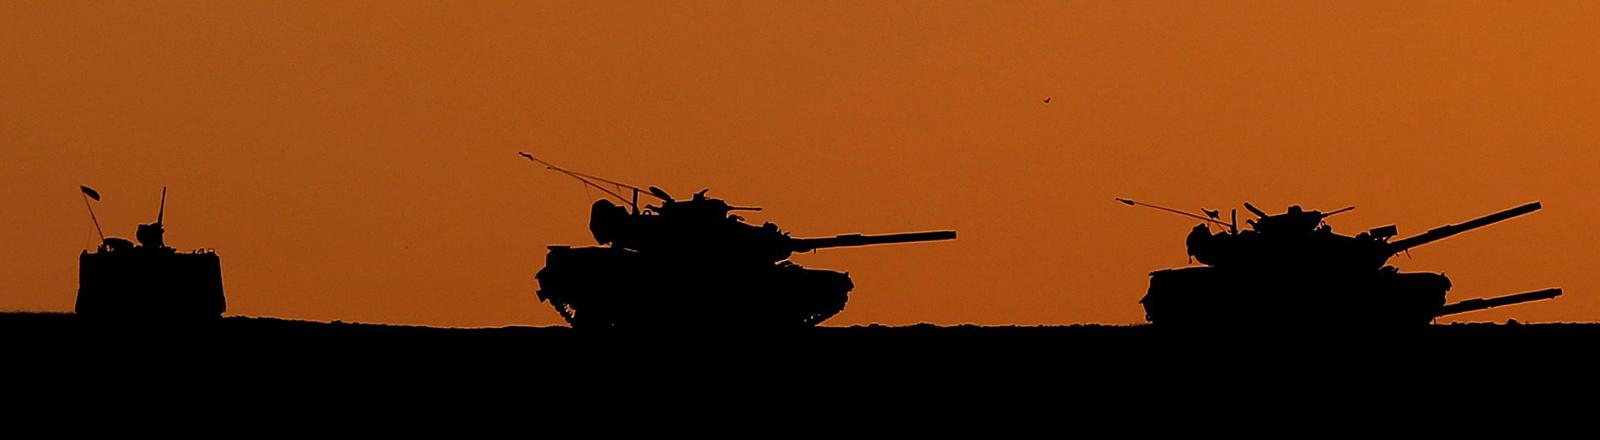 Türkische Panzer an der türkisch-syrischen Grenze